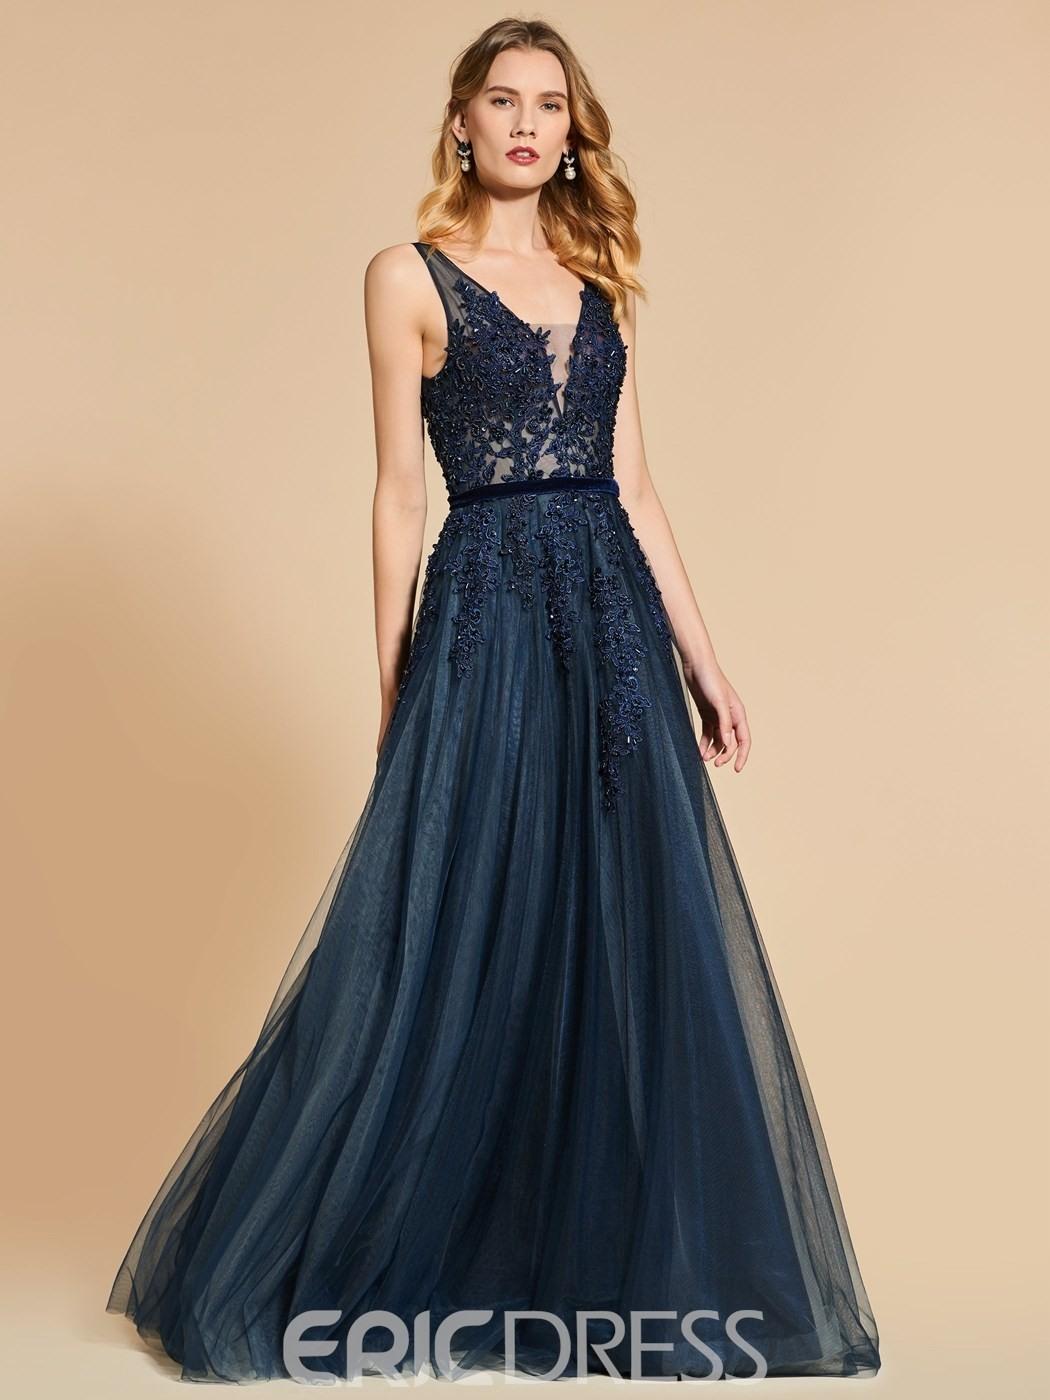 13 Einzigartig Rückenfreies Abendkleid Bester PreisFormal Wunderbar Rückenfreies Abendkleid Design